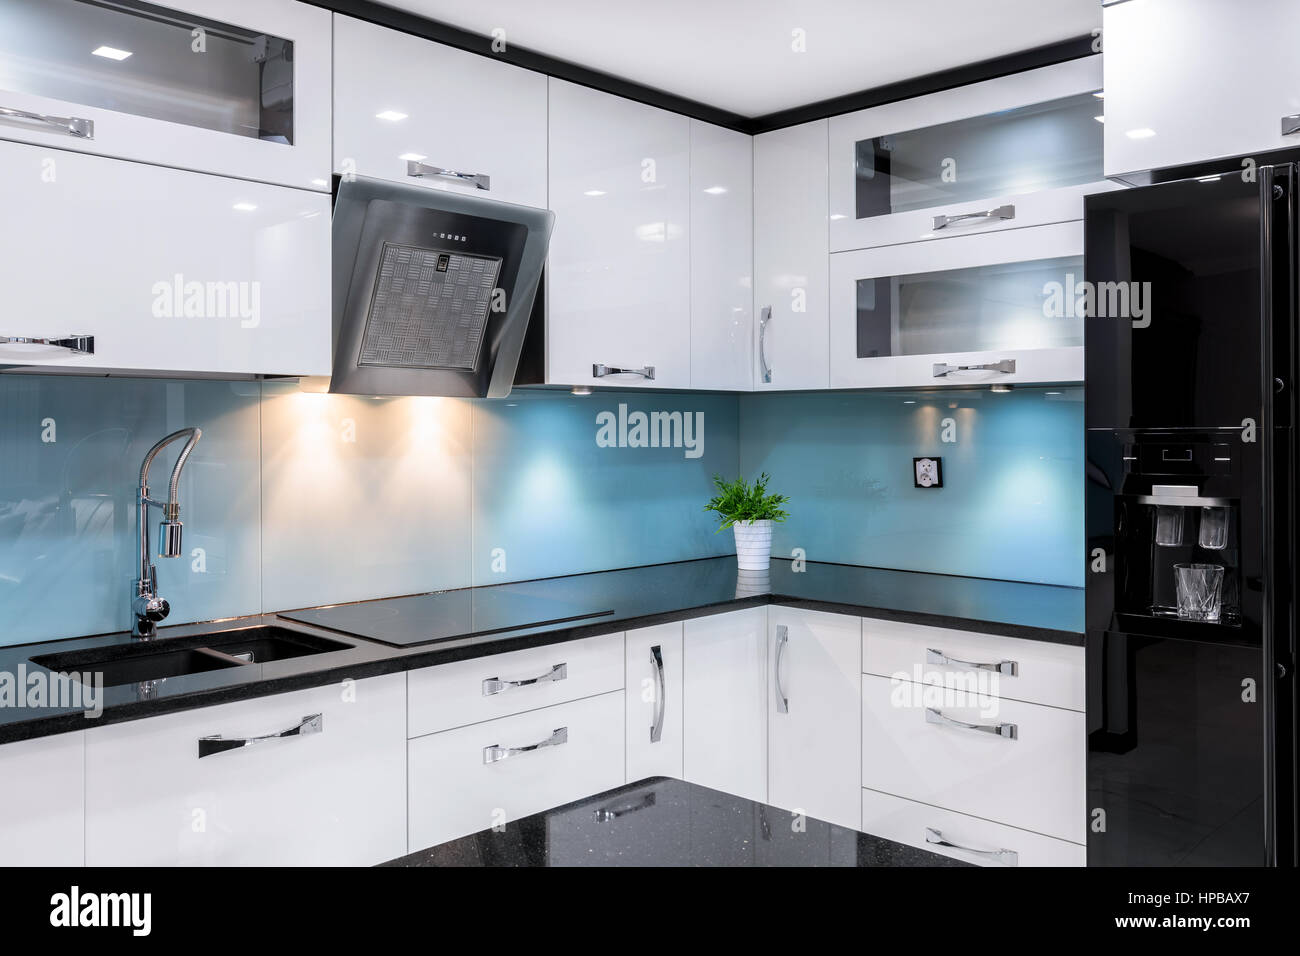 Luxus-Küche mit modernen Hochglanz Schwarz Kühlschrank und ...